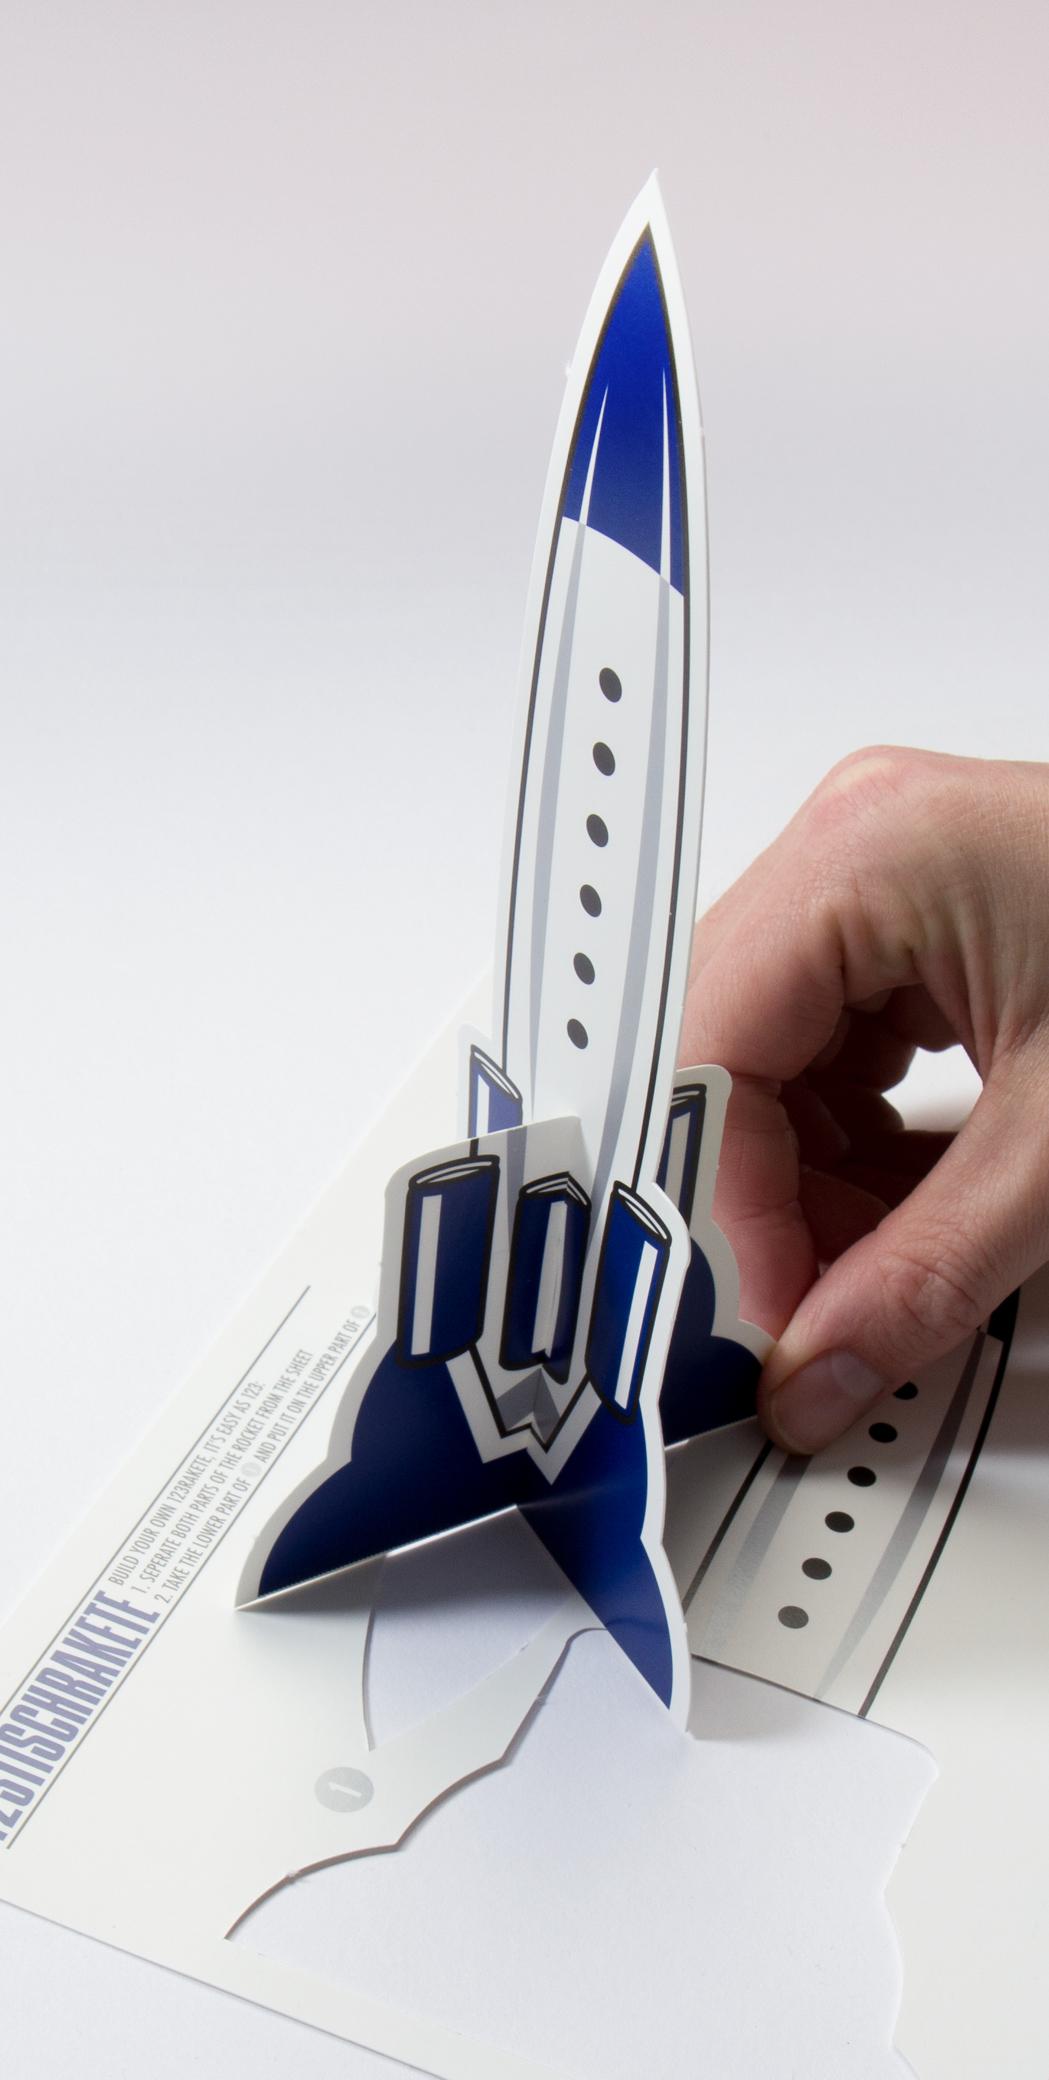 Bastelanleitung für blaue Rakete auf weißem Hintergrund für die 123Tischrakte. Mit Perforierung um aus der Rakete eine kleinen Raktenaufsteller zu bauen. Aufgestellte Rakete, für die Party 123 Rakte von Red Bull gestaltet von den sons of panema, Grafikbüro in Köln.